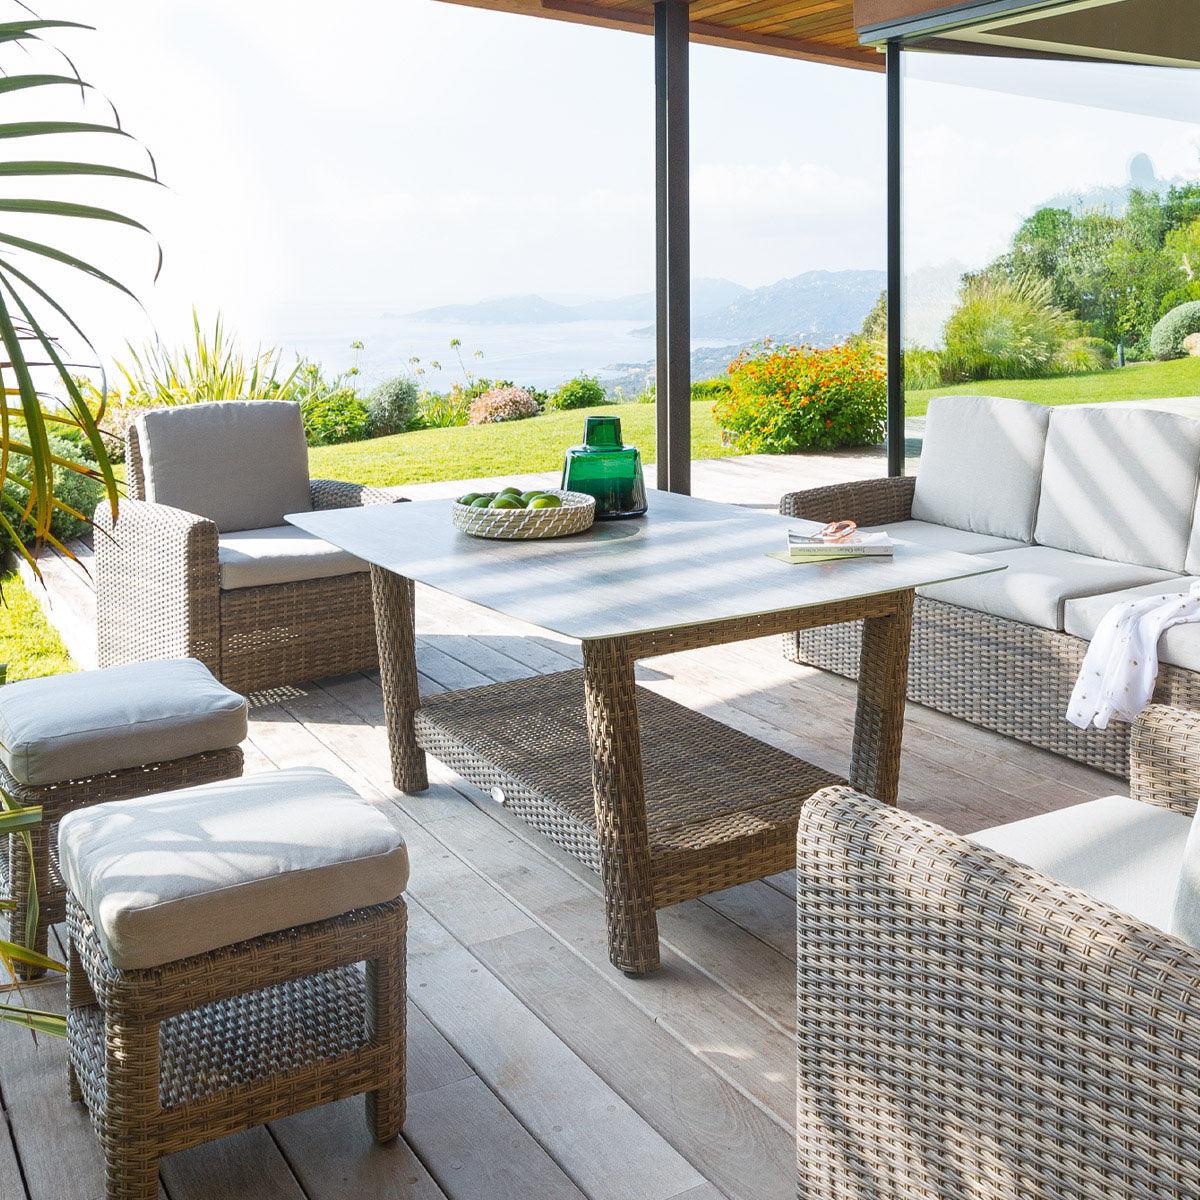 Hespéride Table de jardin rectangulaire Polynésia Naturae 8 places - Aluminium traité époxy, Verre tempé